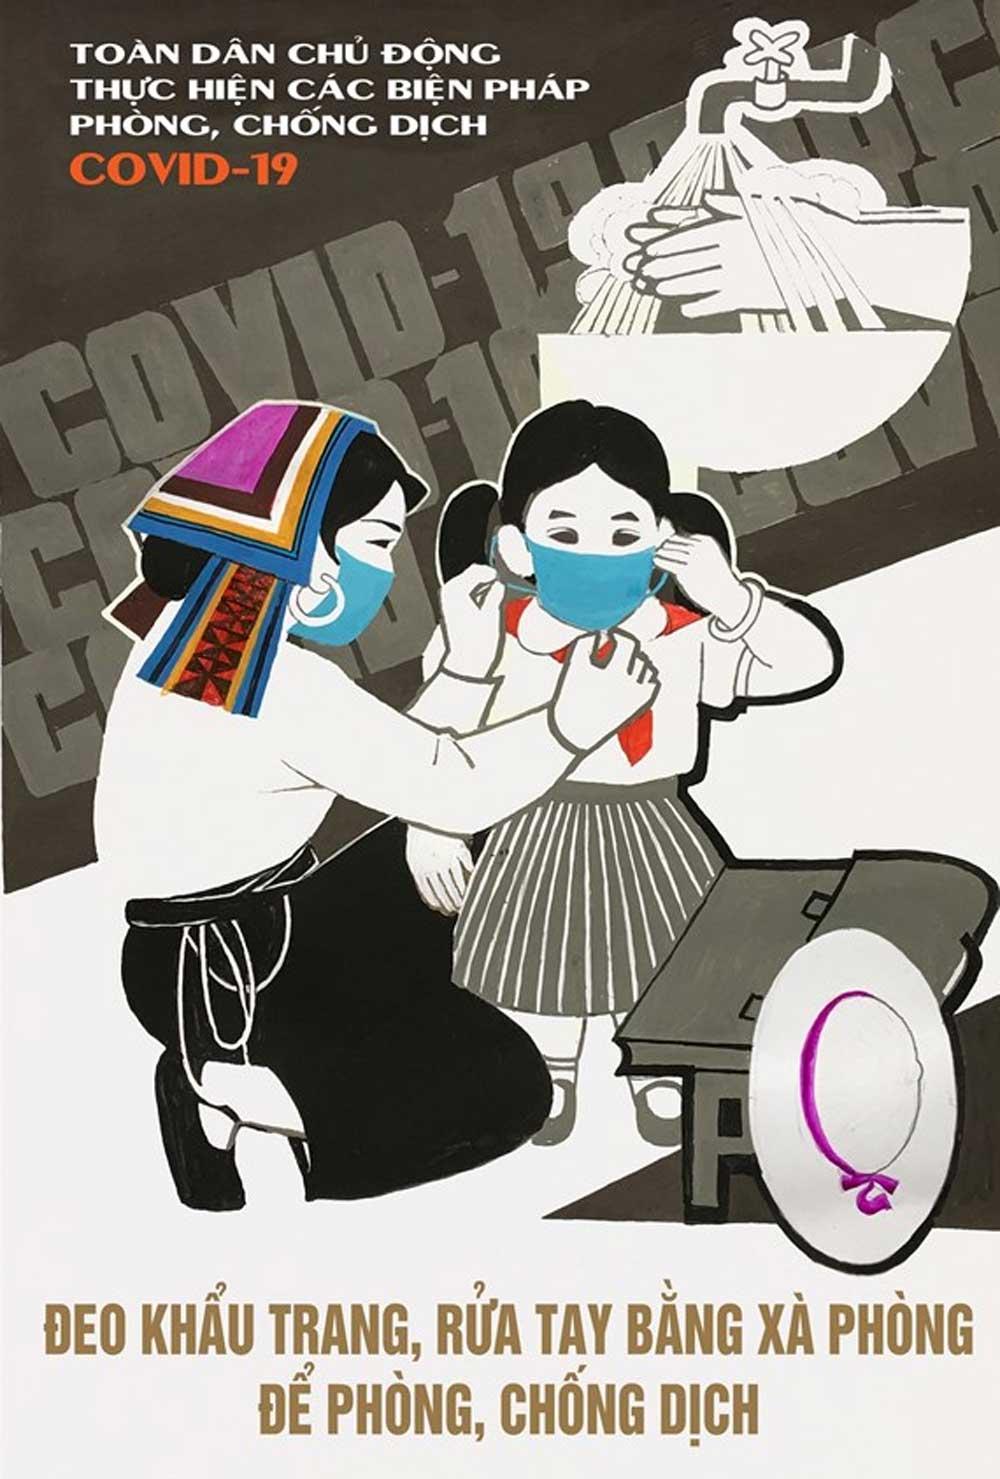 Họa sỹ Việt, vẽ tranh cổ động, phòng, chống dịch COVID-19, tinh thần trách nhiệm, nỗ lực vì cộng đồng